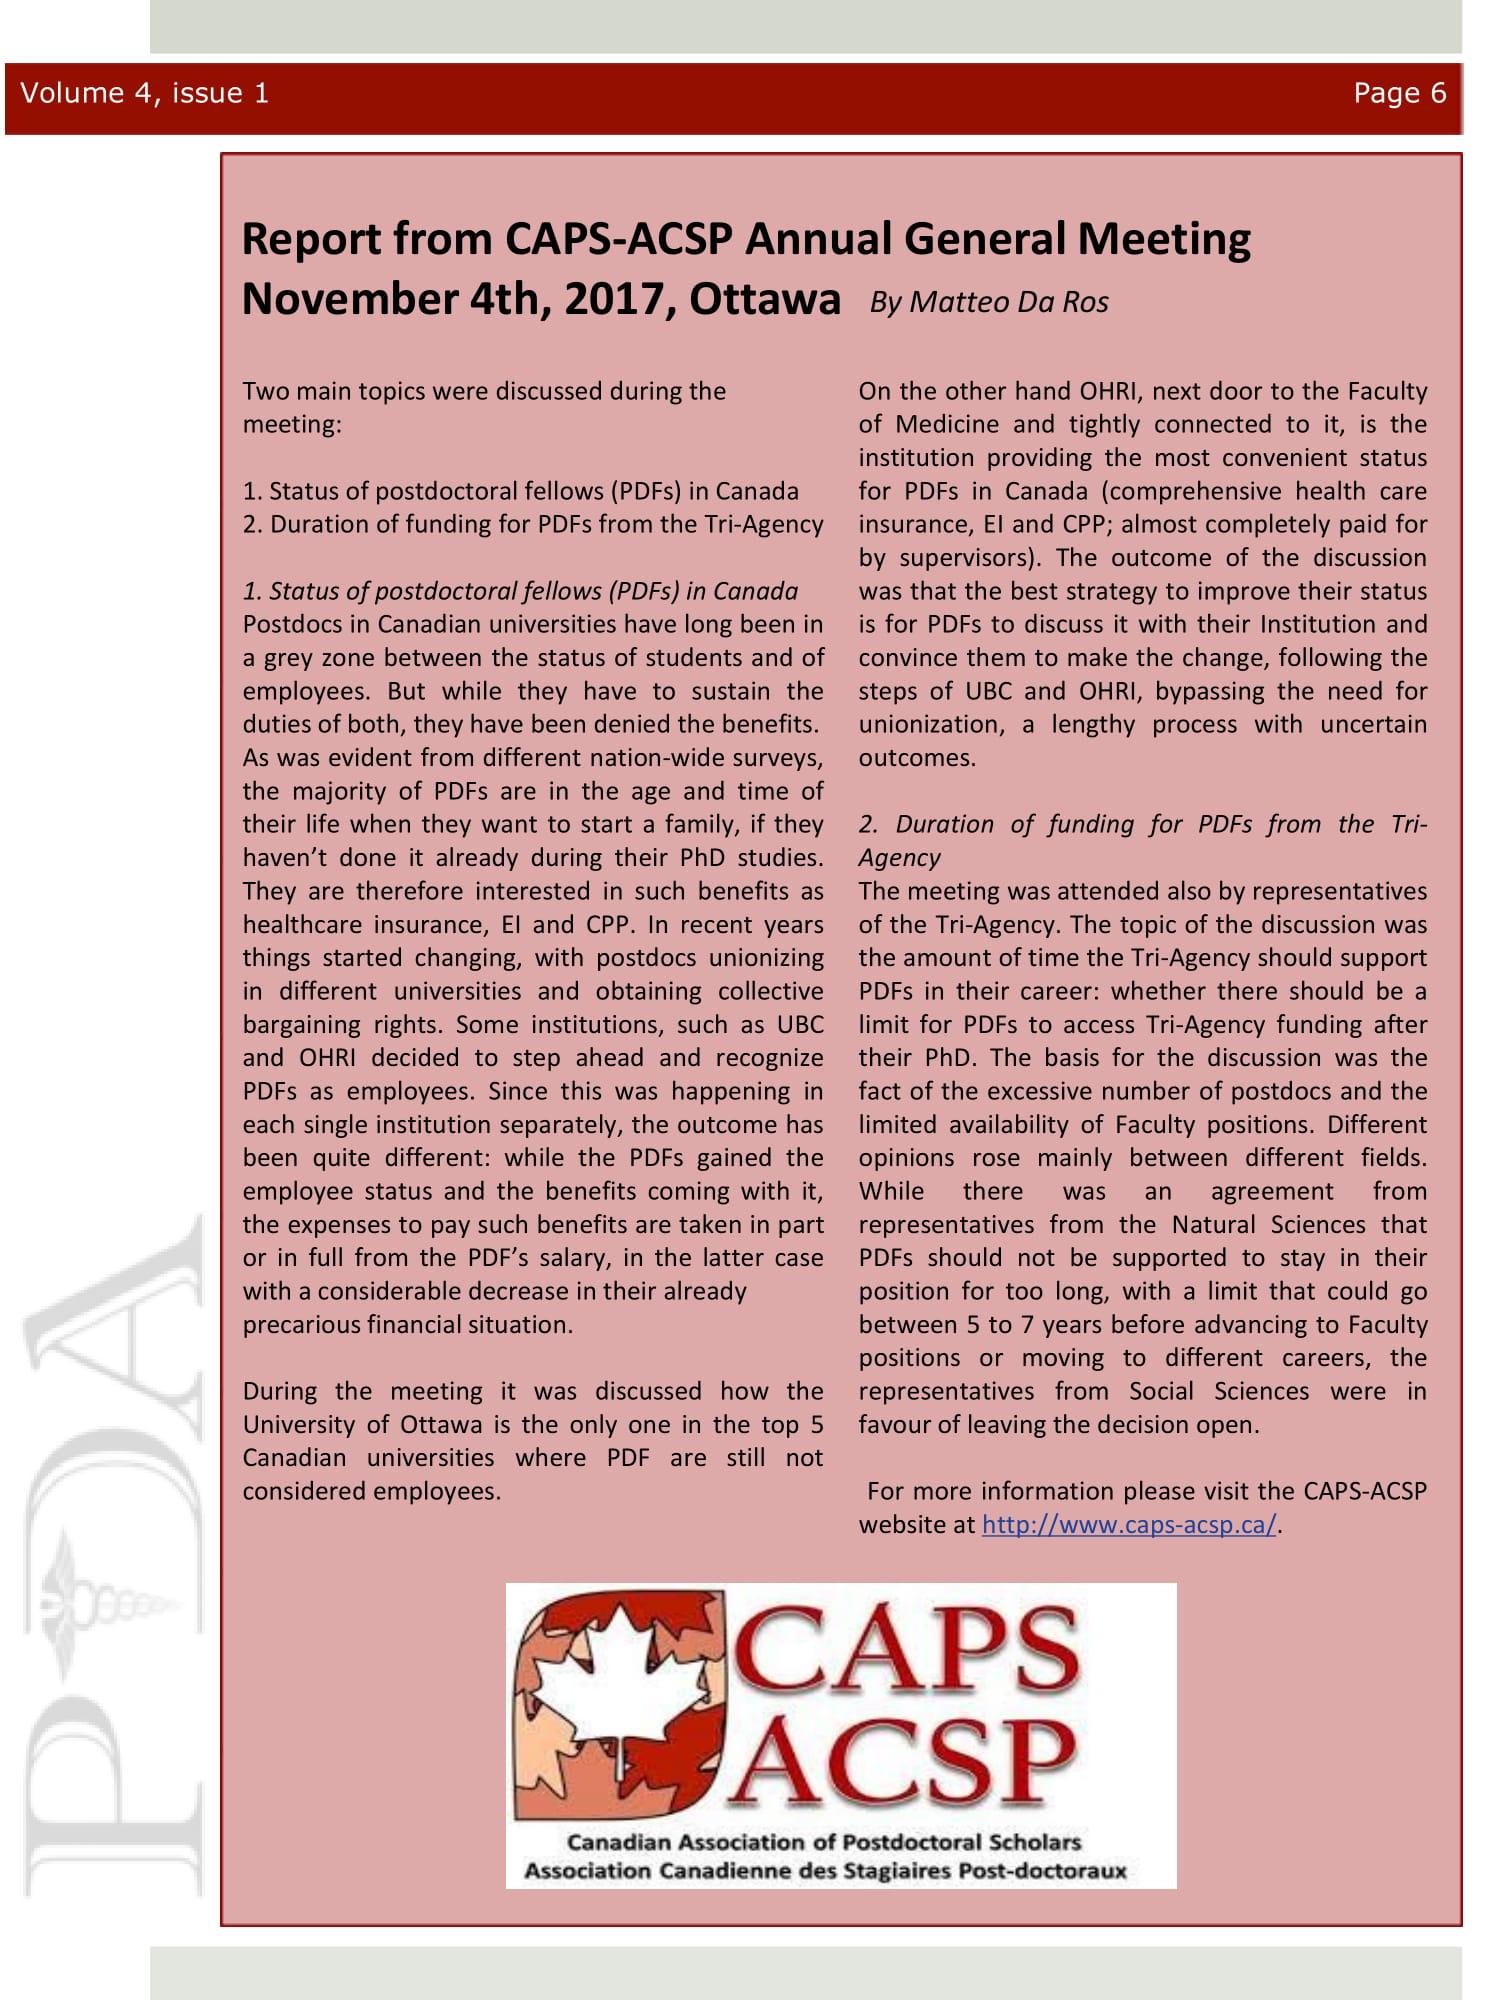 PDA_Newsletter_Volume_4_Issue_1-6.jpg